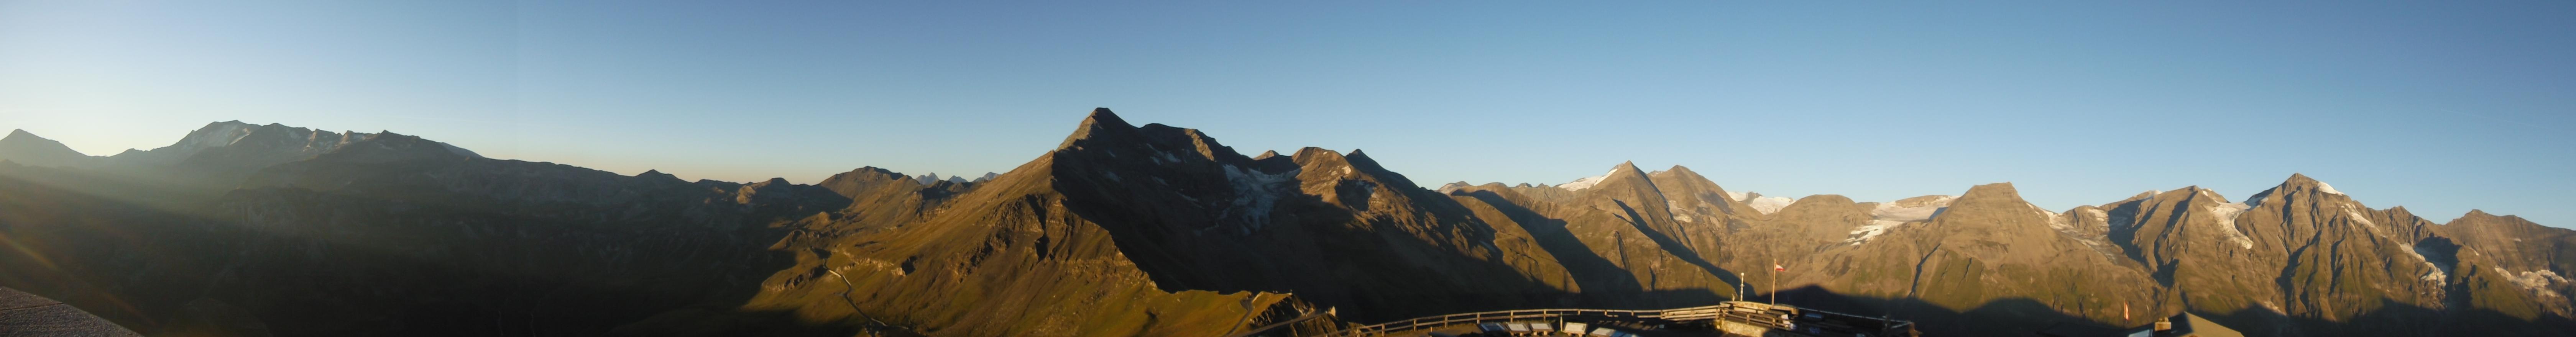 BergeBewegen-Panorama (2)